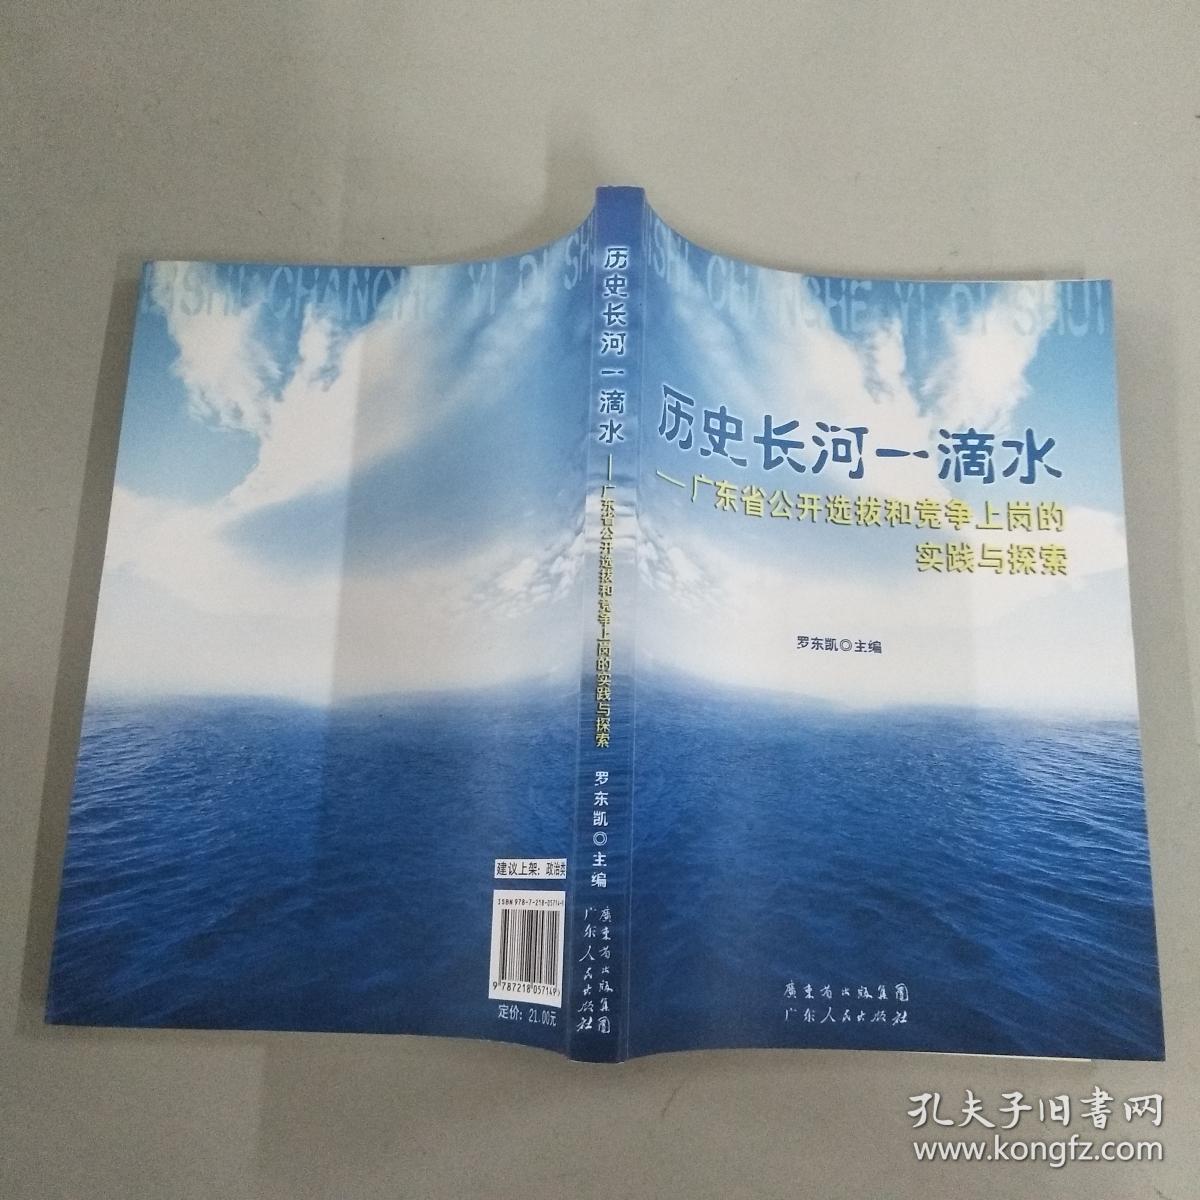 历史长河一滴水:广东省公开选拔和竞争上岗的实践与探索